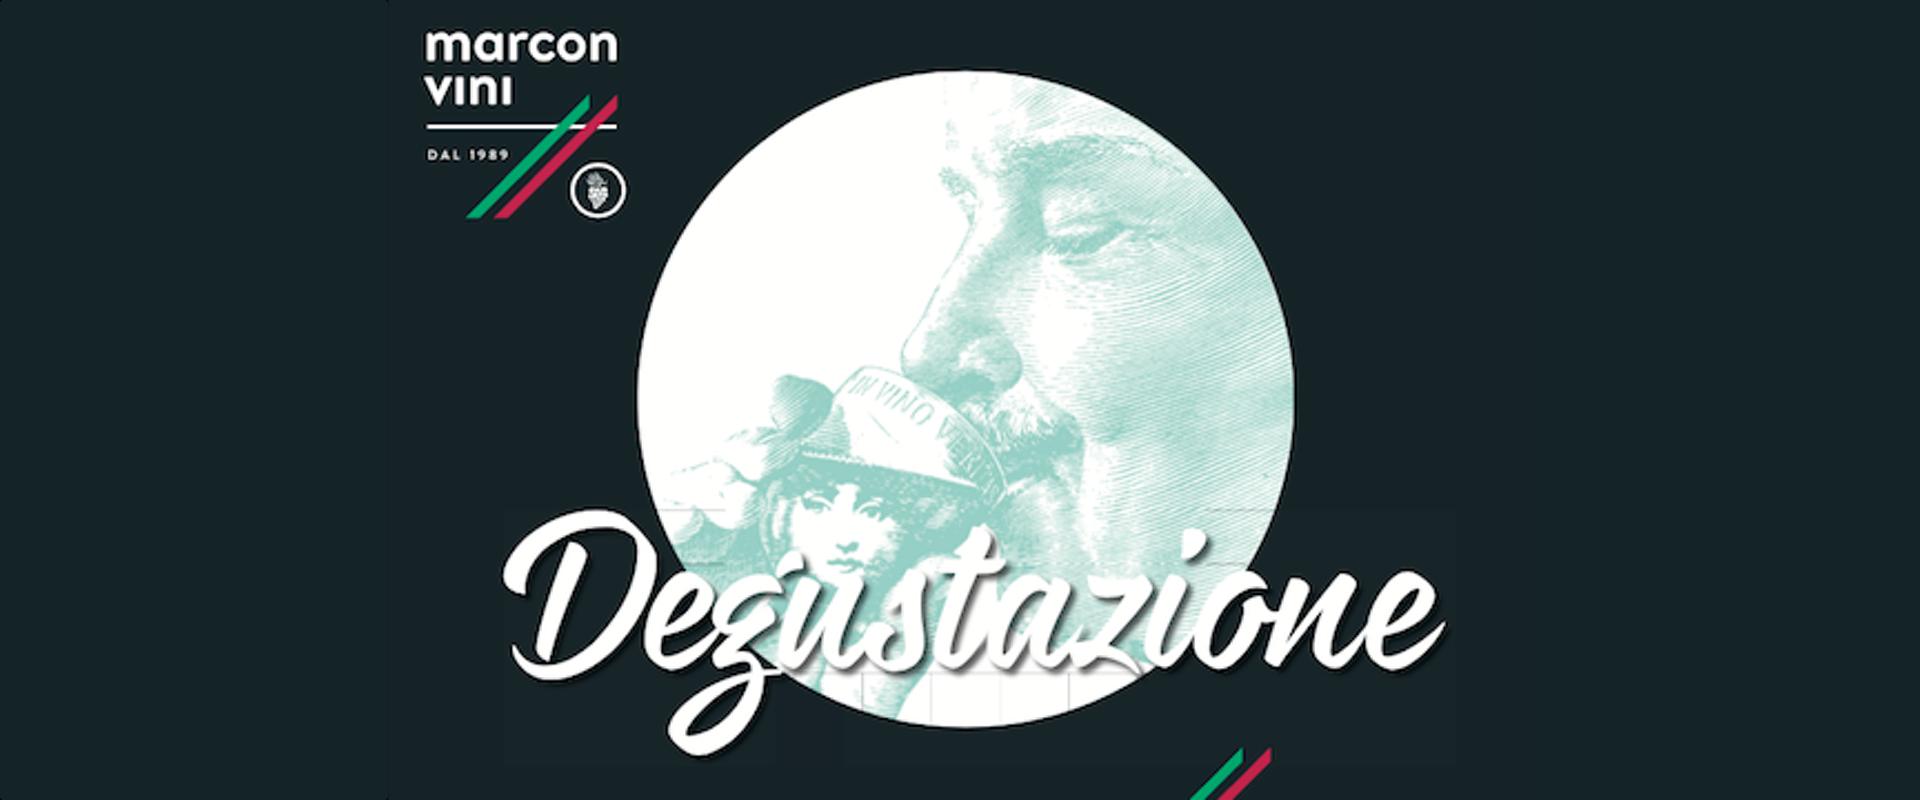 Marcon Vini vous invite à la Dégustation d'automne, les vendredi 20, samedi 21 et dimanche 22 octobre 2017.